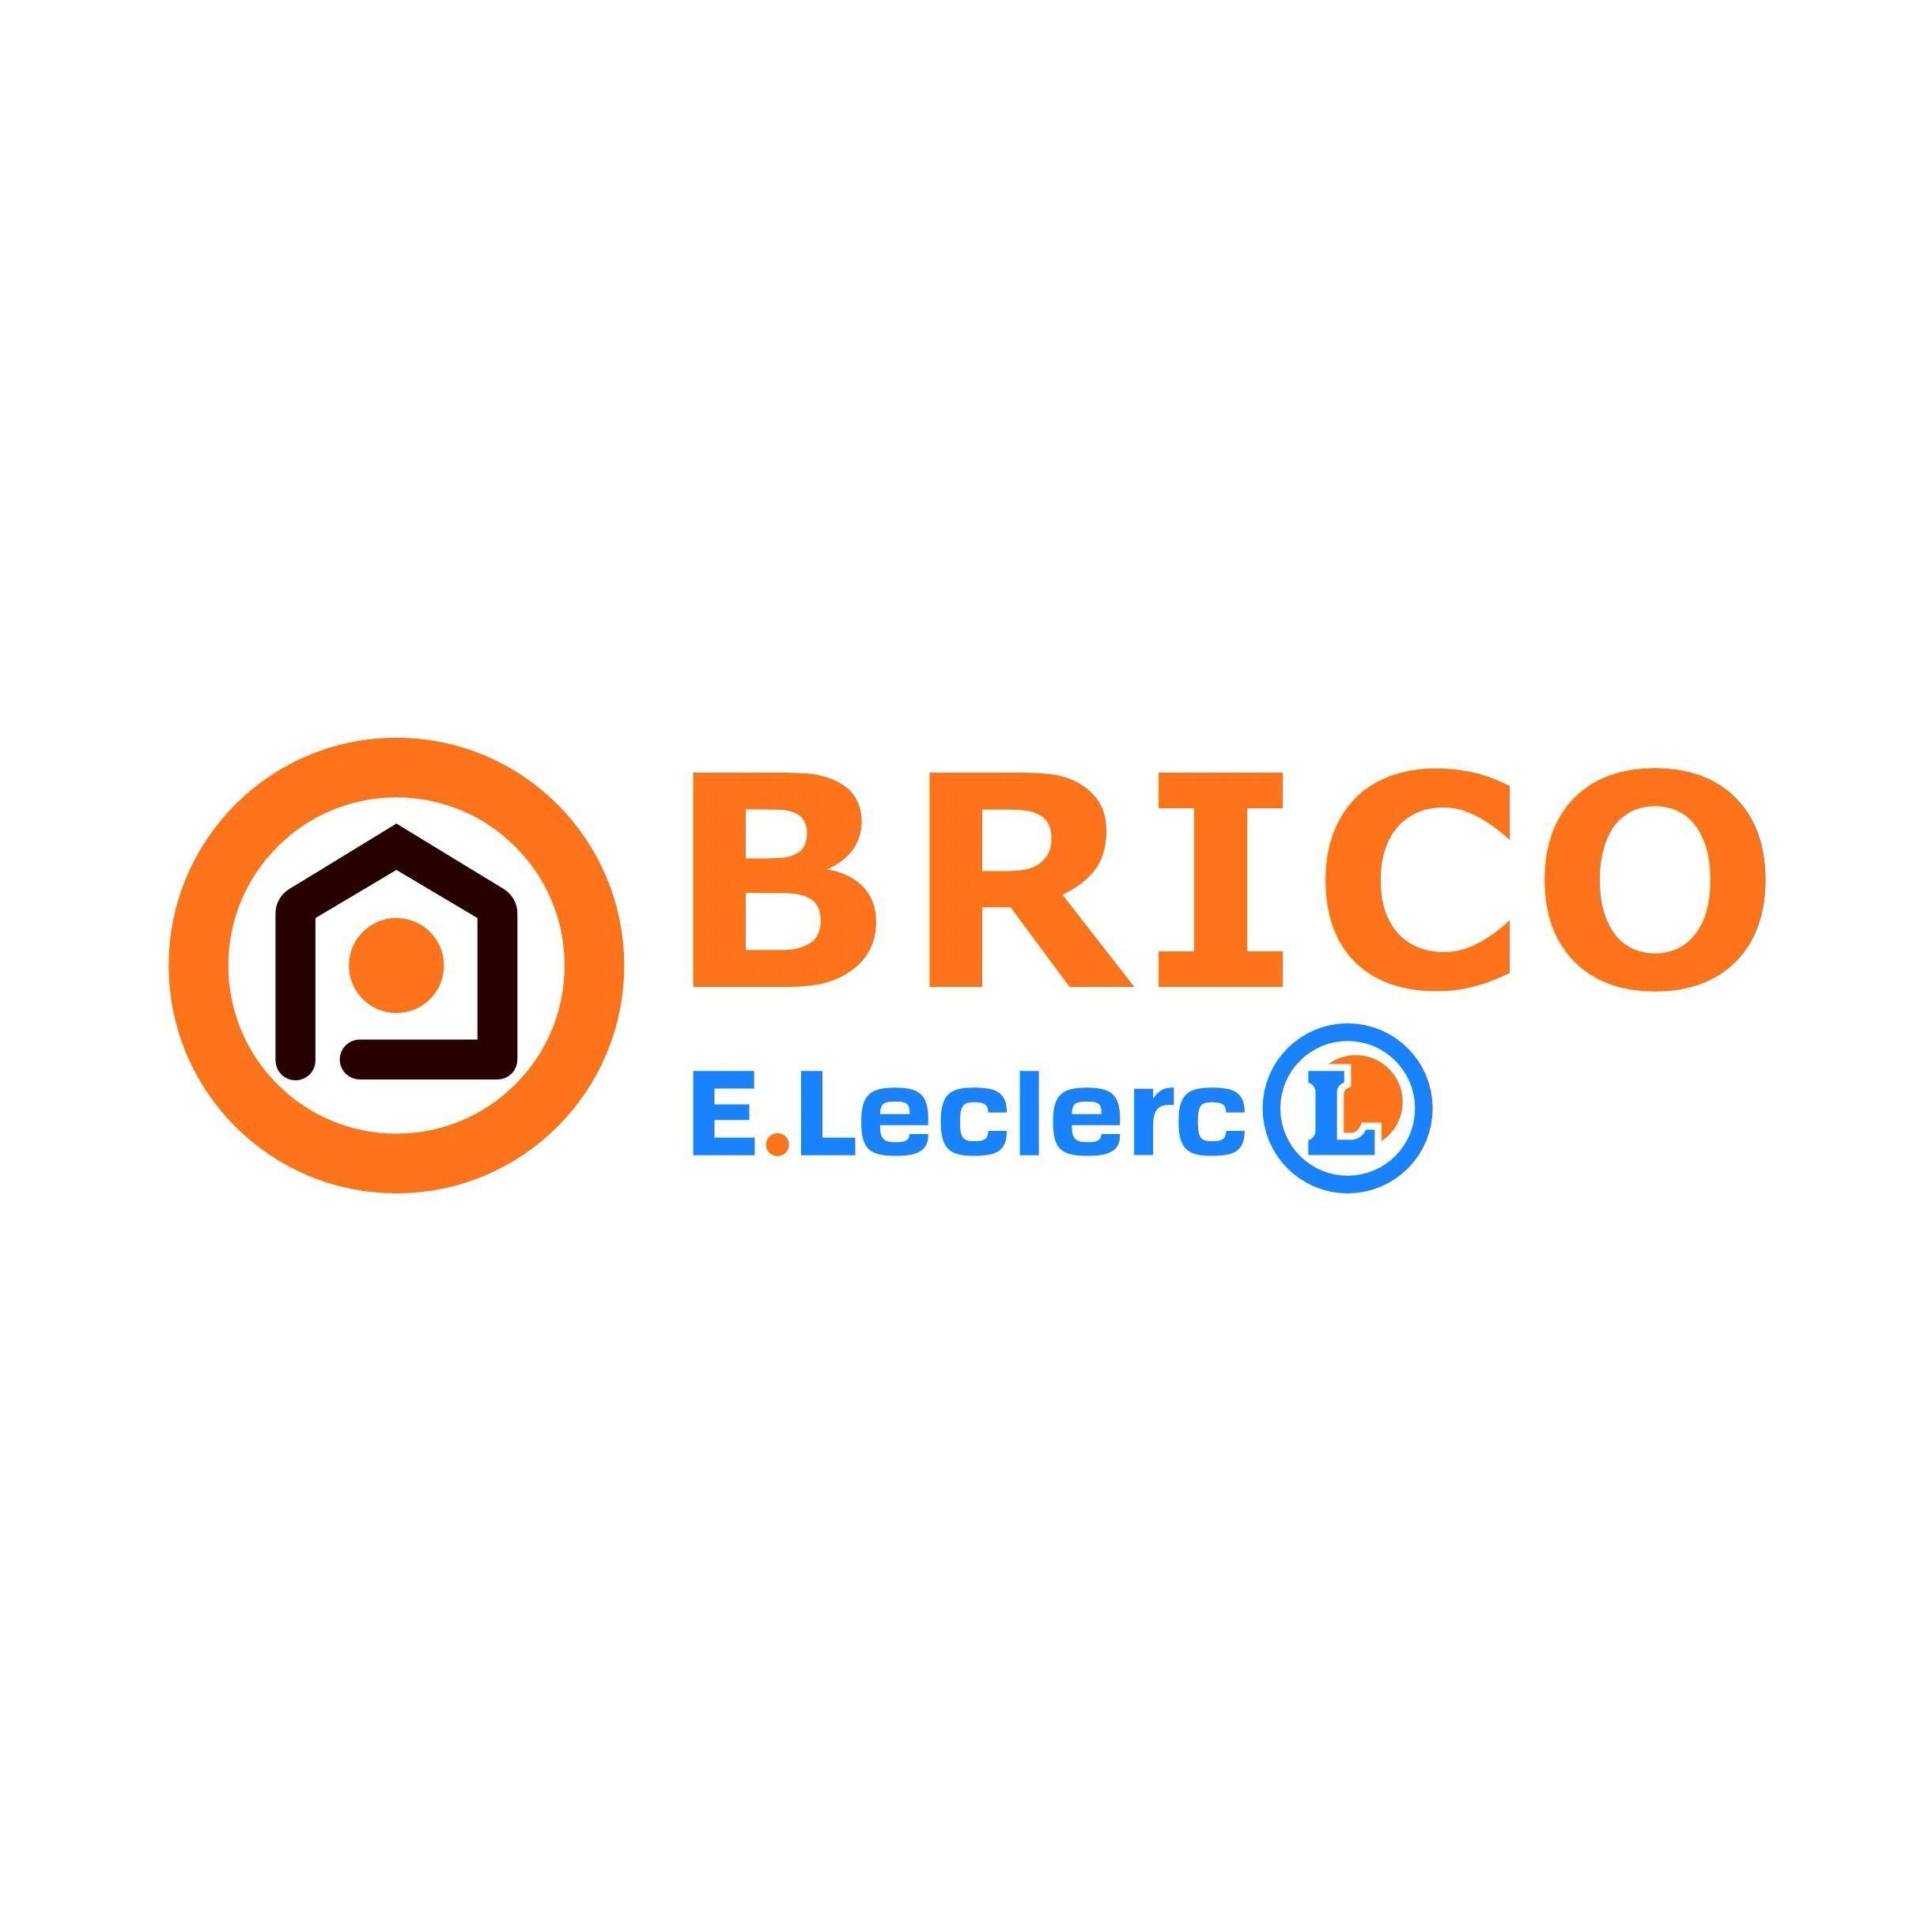 E Leclerc Brico Magasin De Bricolage Saint Etienne Du Rouvray 76800 Adresse Horaire Et Avis